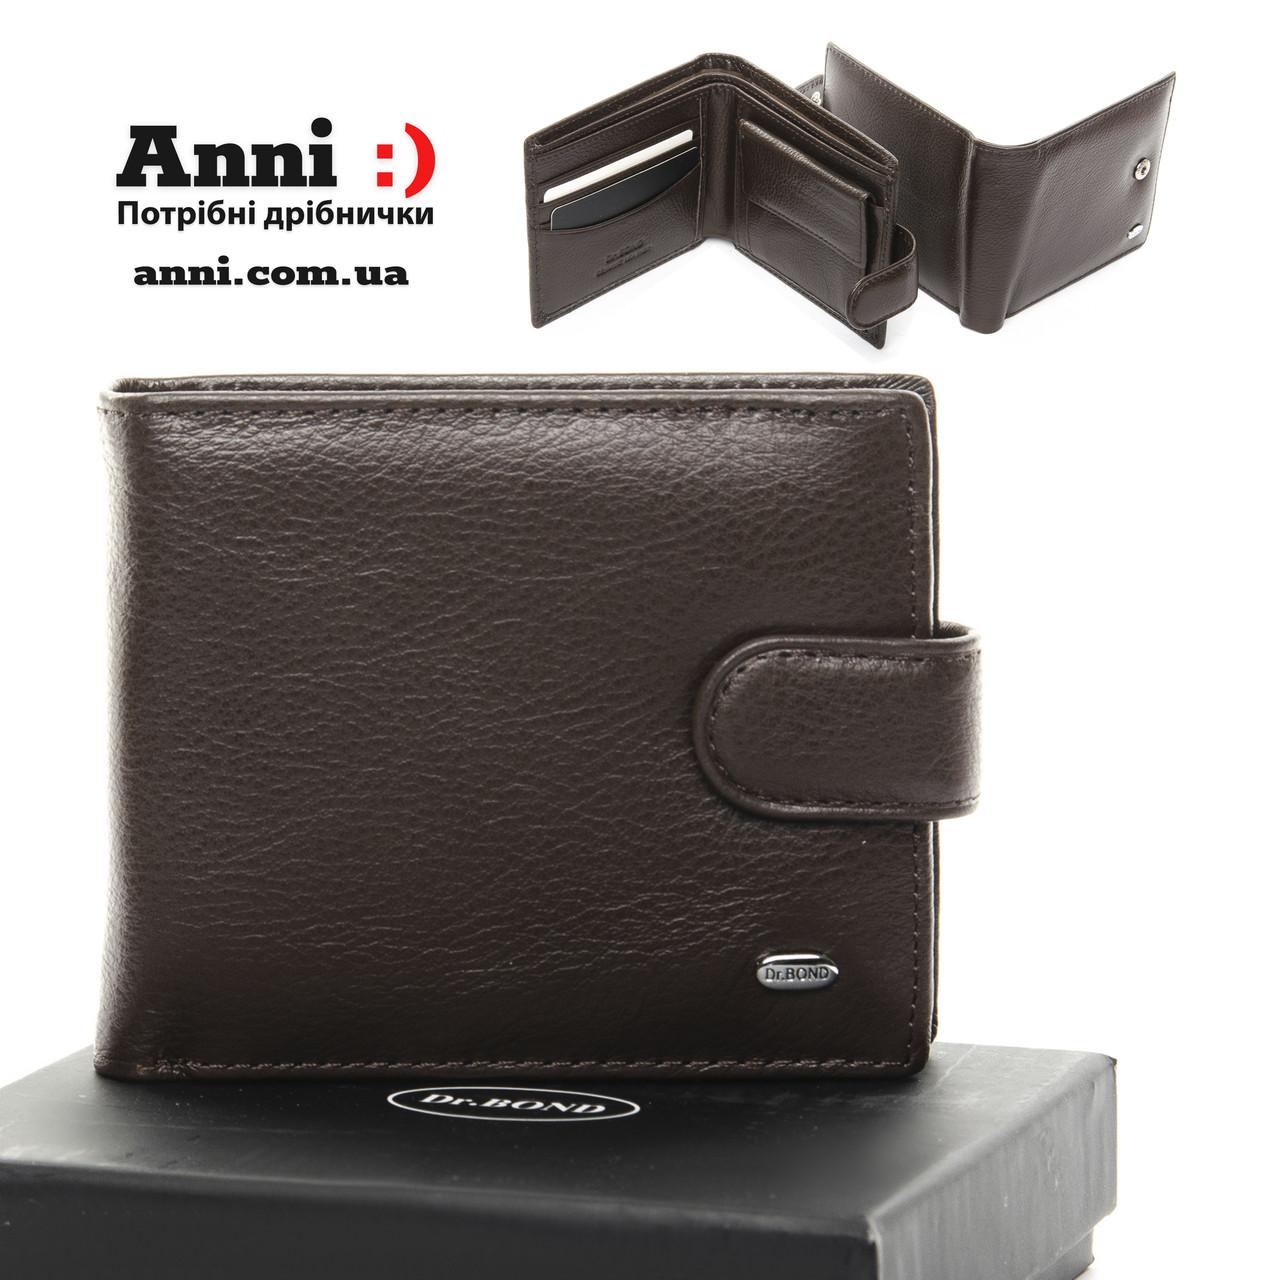 Коричневый кожаный мужской кошелек портмоне 11 * 9.5  coffee